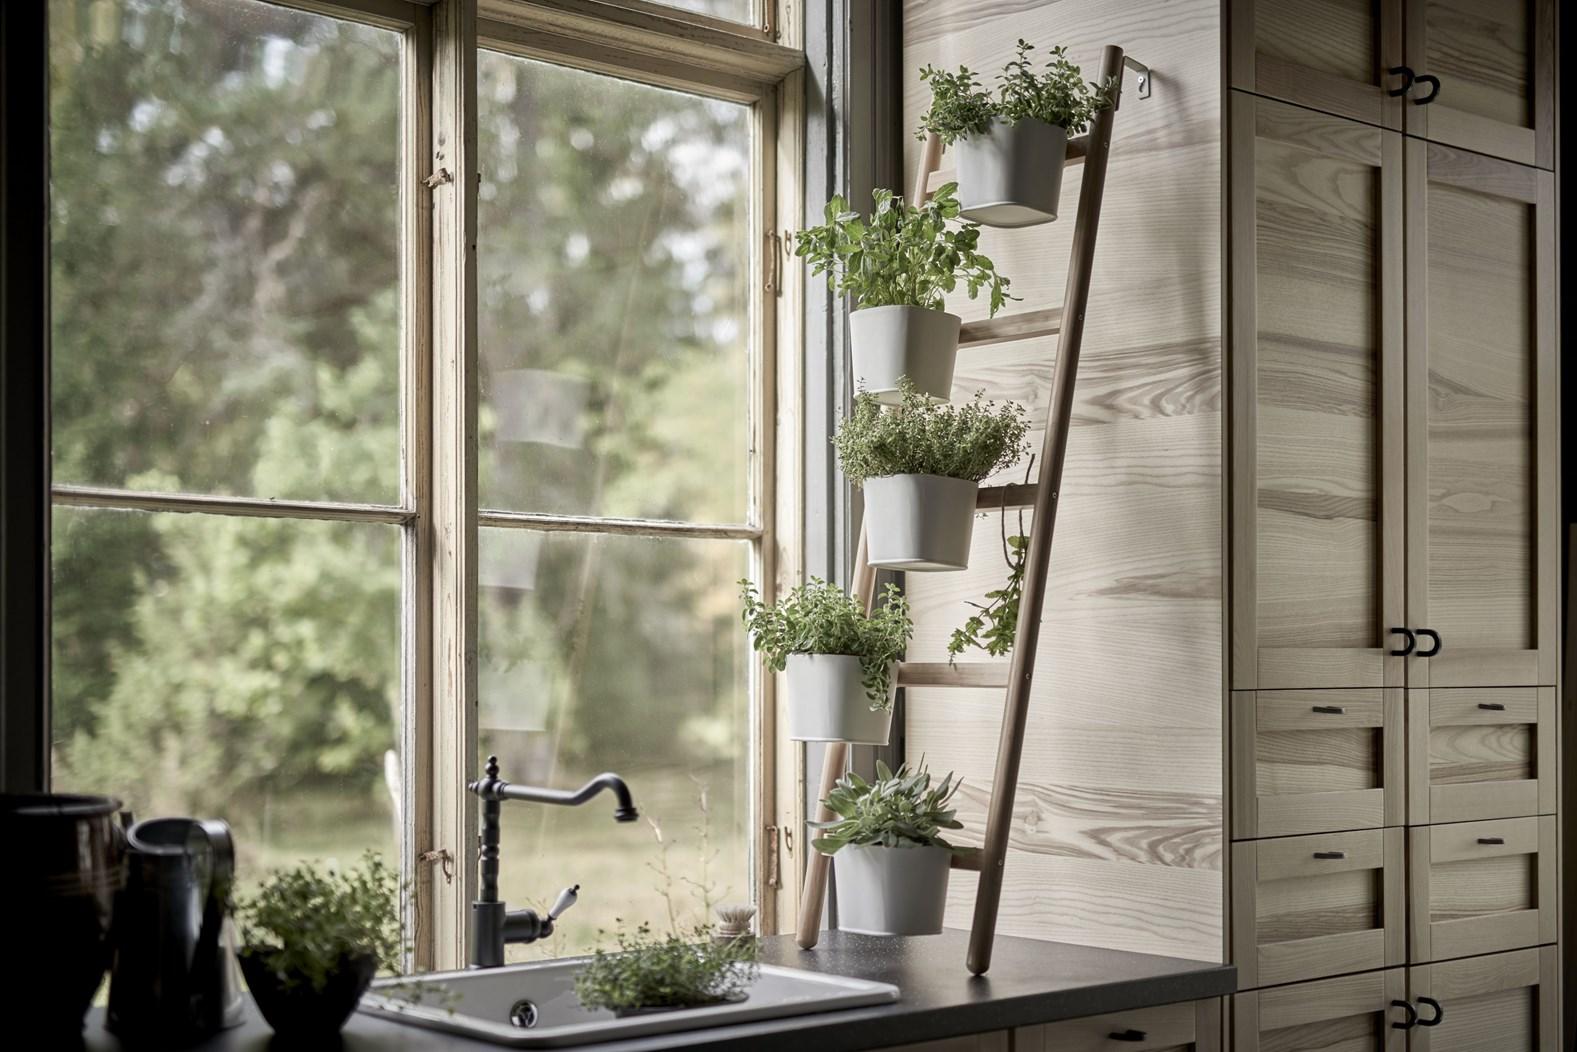 10 Desain Taman Dalam Rumah Untuk Rumah Kecil